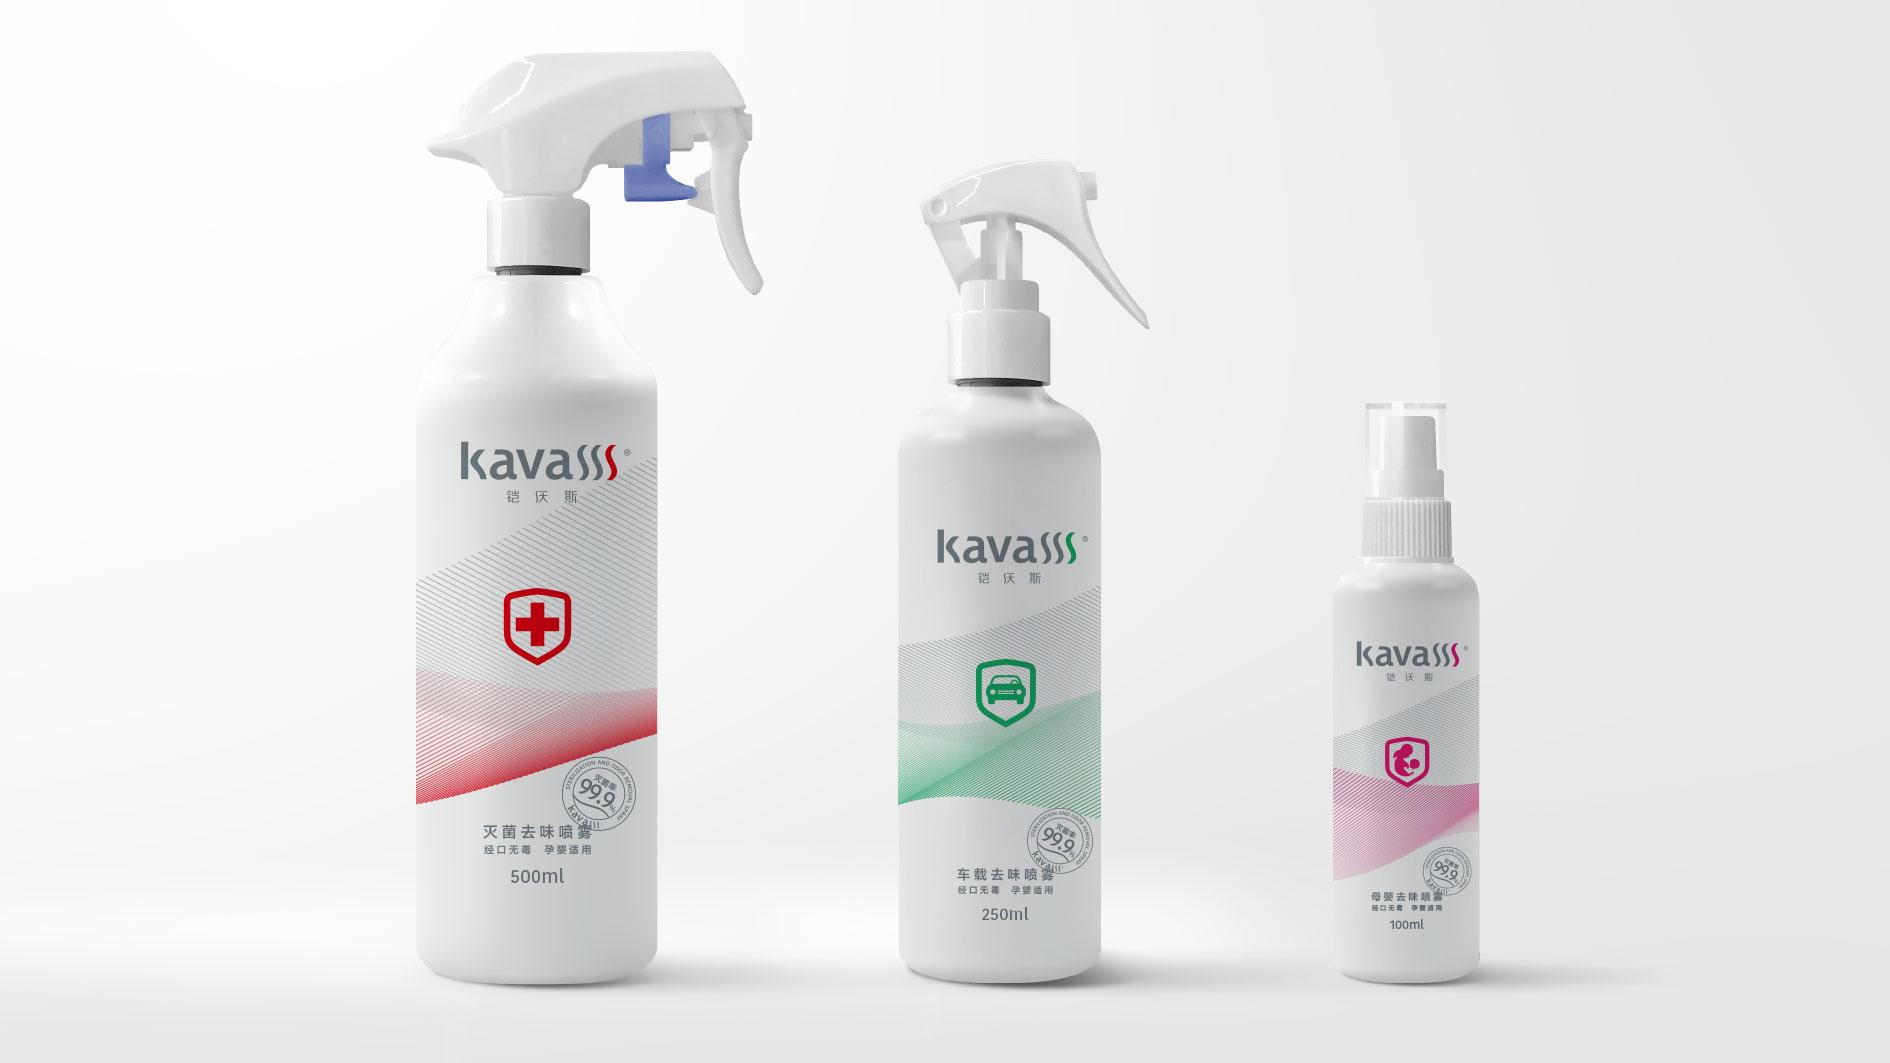 消毒液产品包装设计